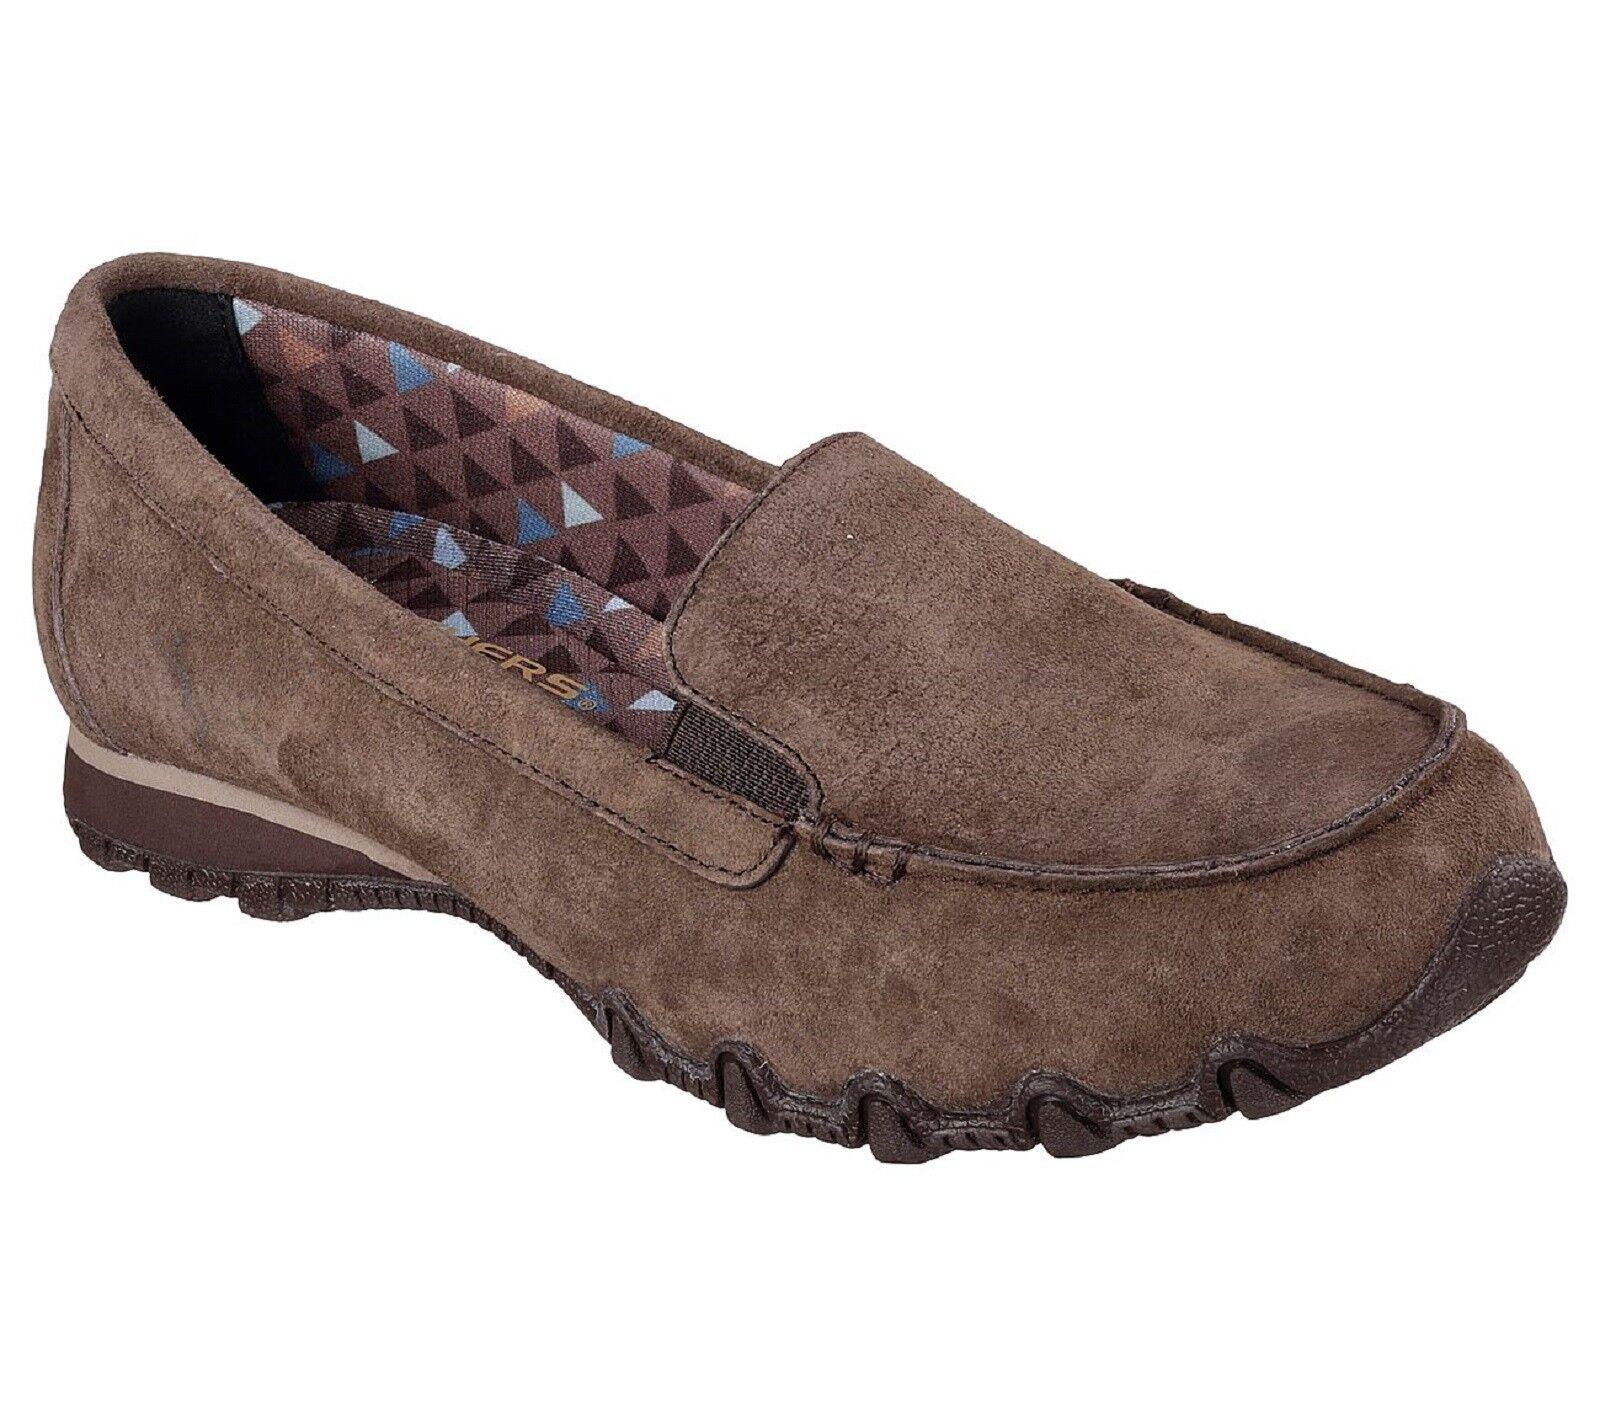 Skechers Ladies 'Roamer' Sin Cordones Zapatillas-Chocolate M NIB